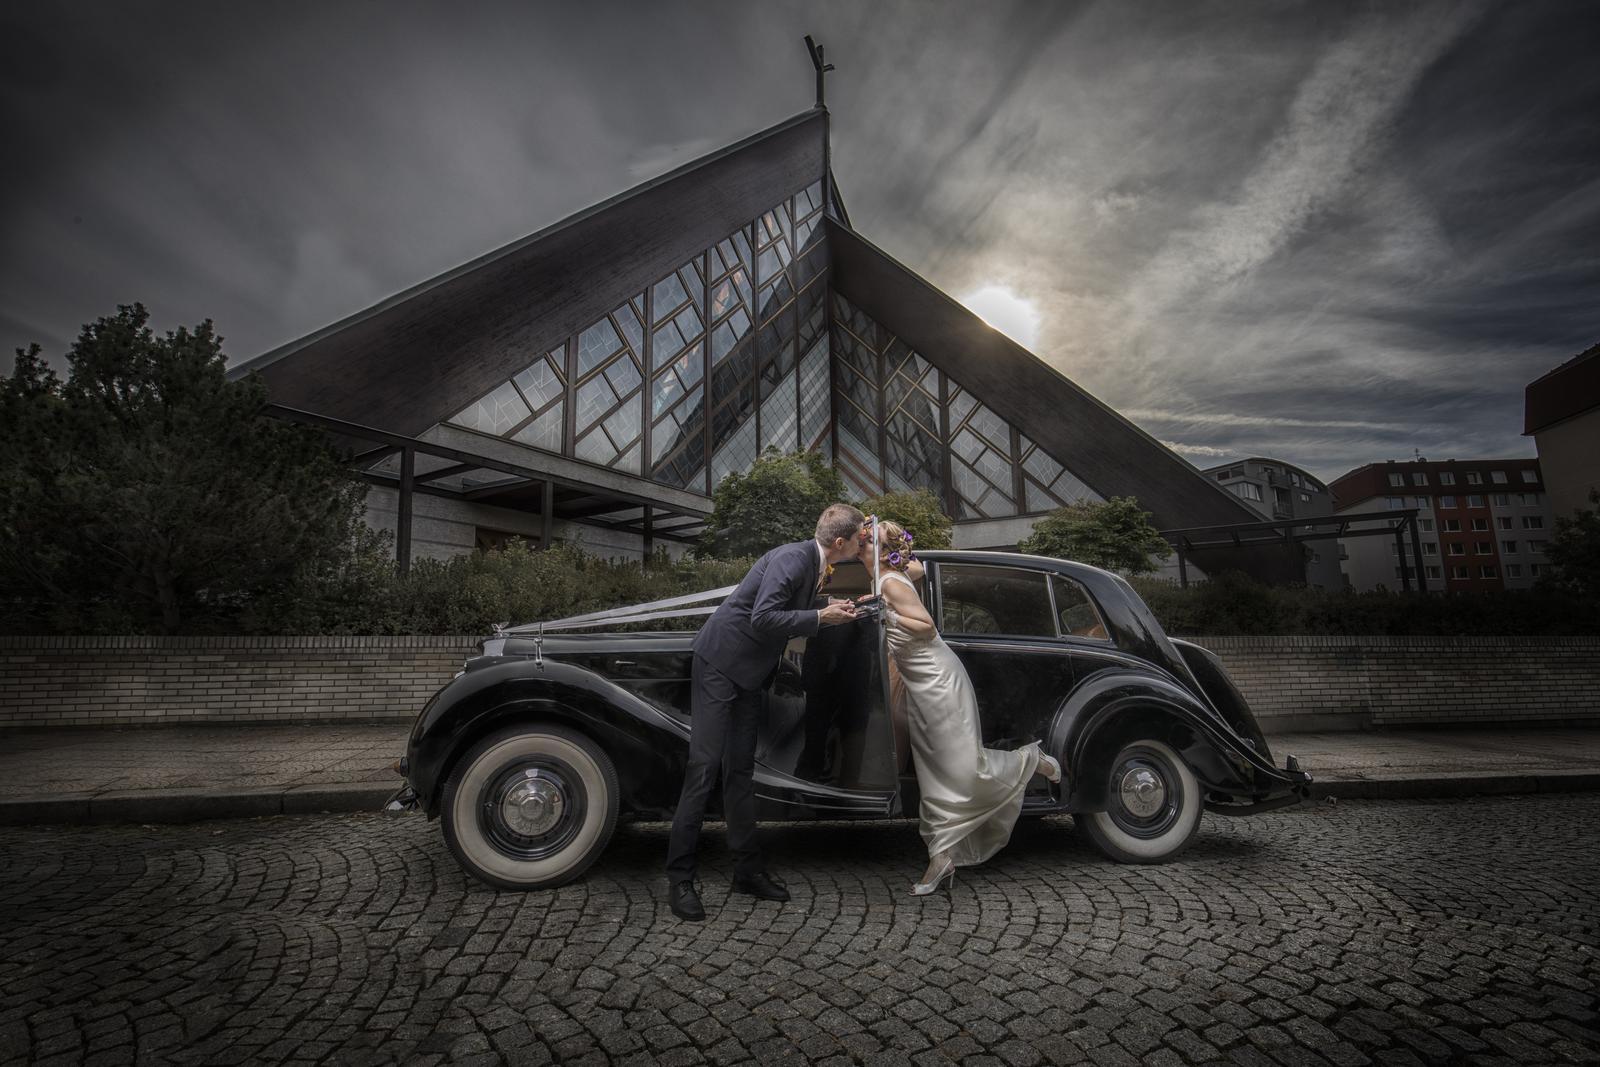 weddingsphoto_cz - Obrázek č. 154